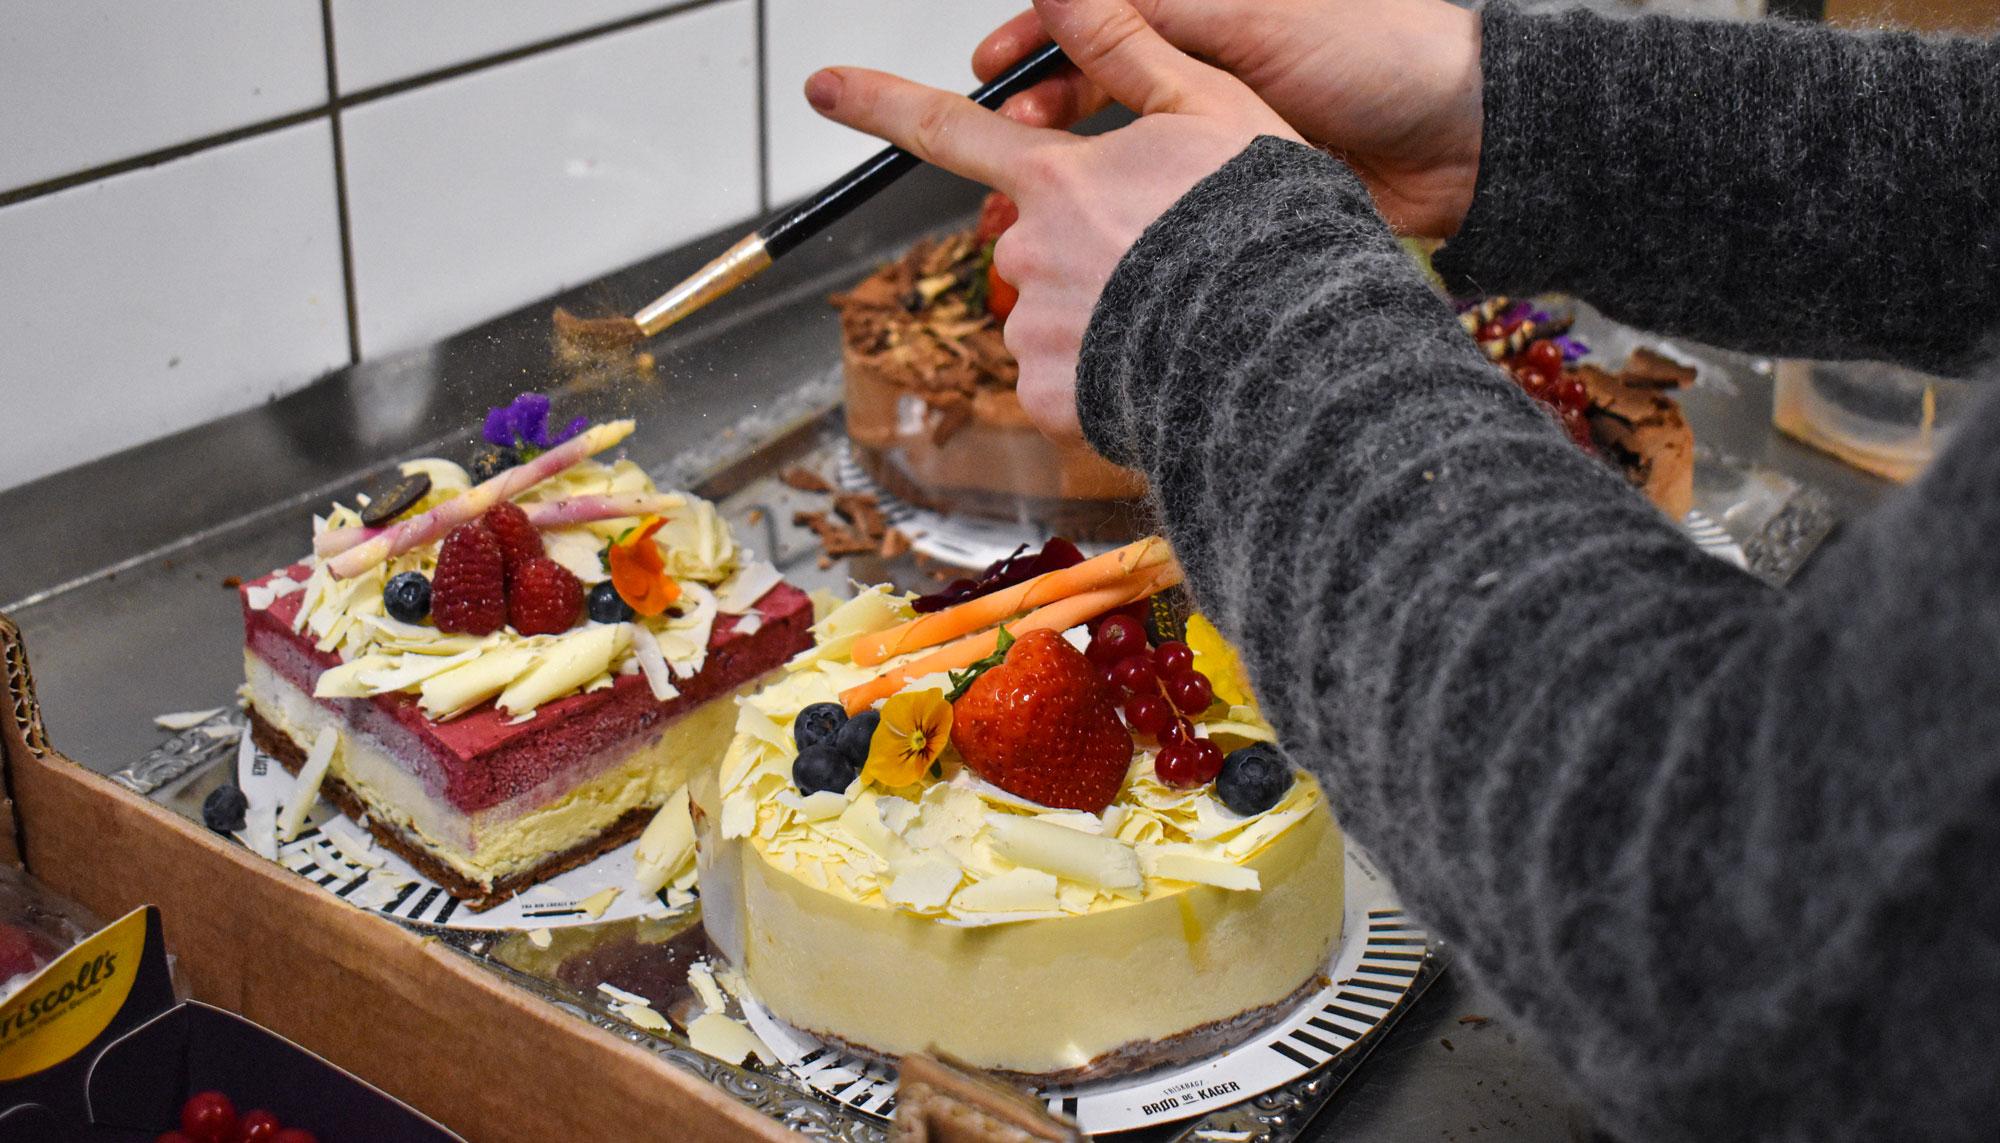 Underjordisk investering: Penny Lane udvider med topmoderne bageri